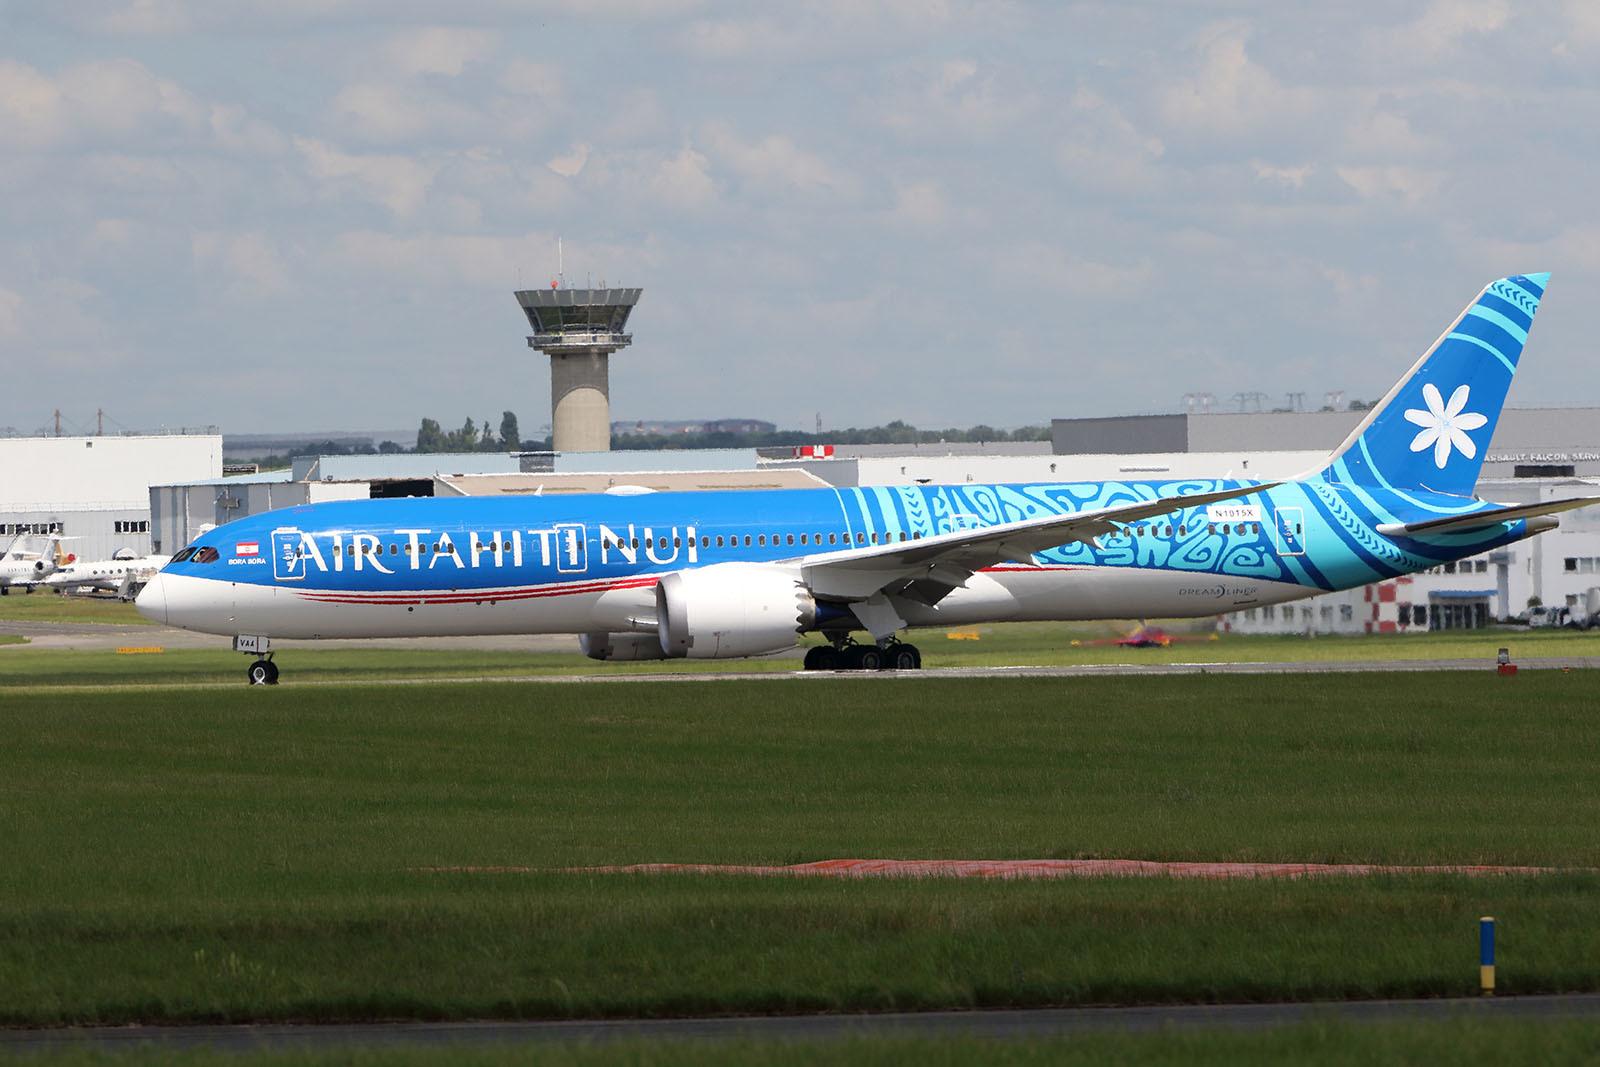 パリエアショー2019 06「FLIGHT DISPLAY 02」_b0315809_12101932.jpg